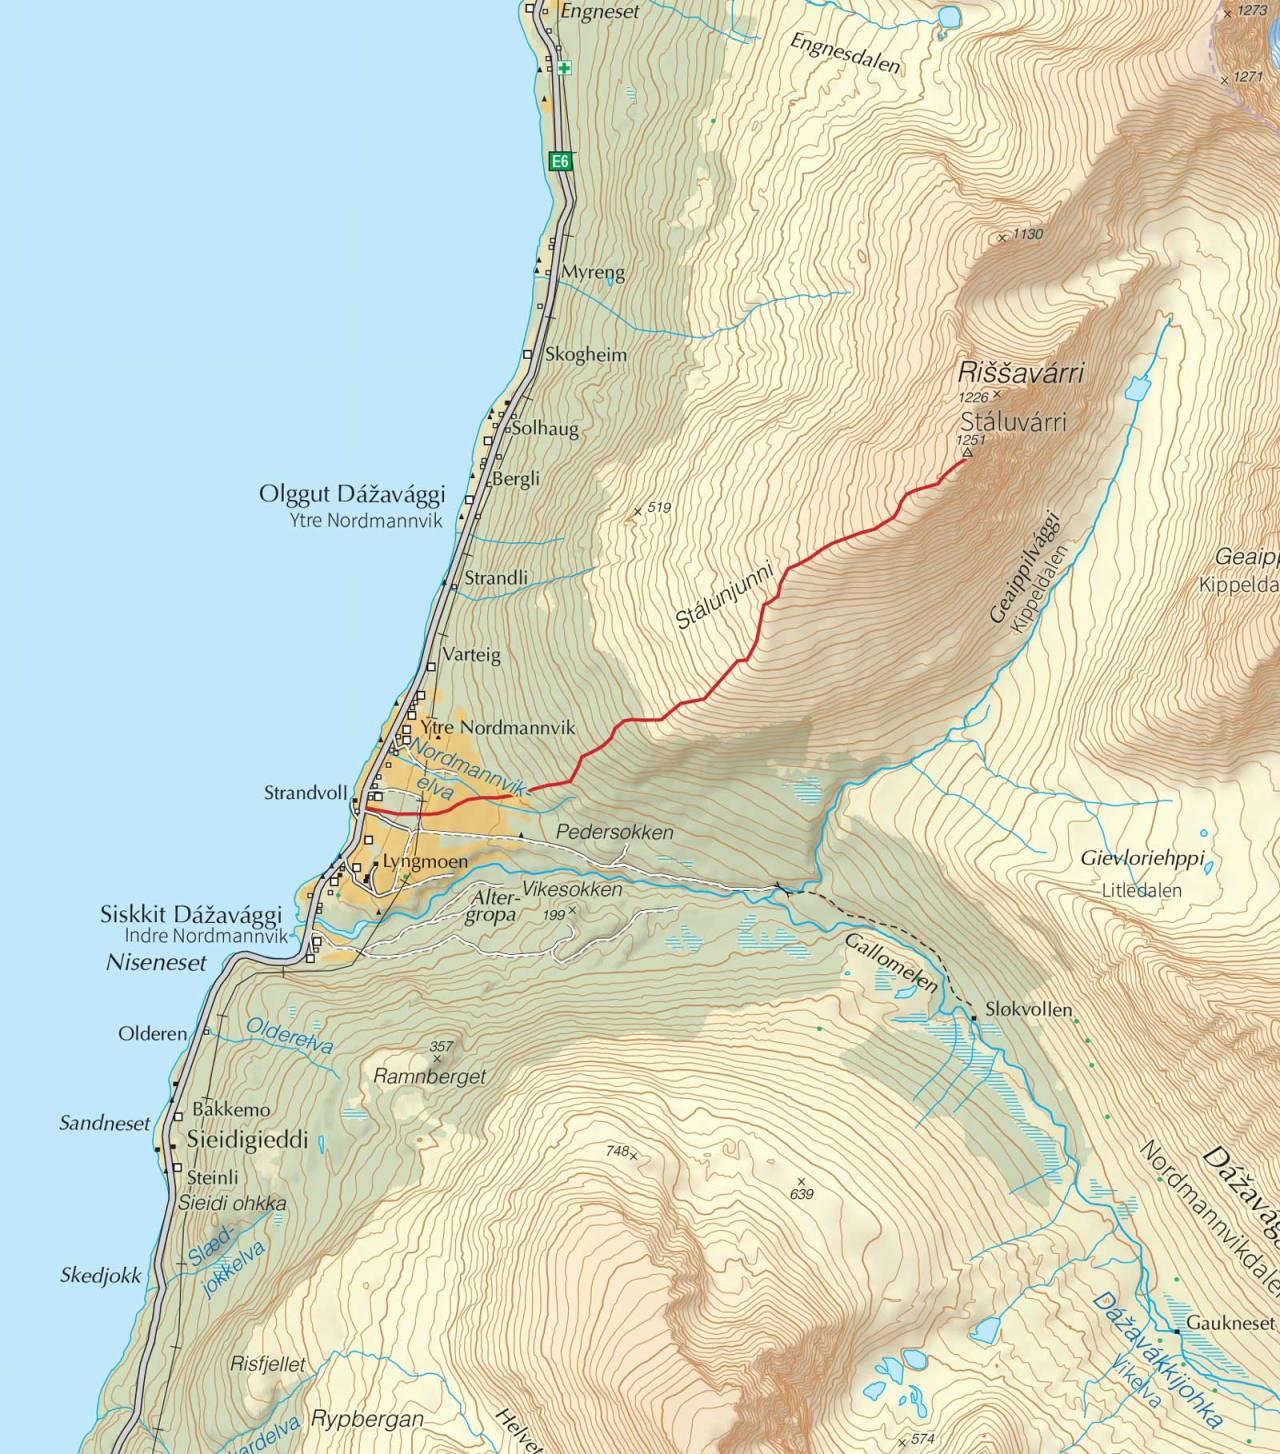 Kart over Rissavarri med inntegnet rute. Fra Trygge toppturer.